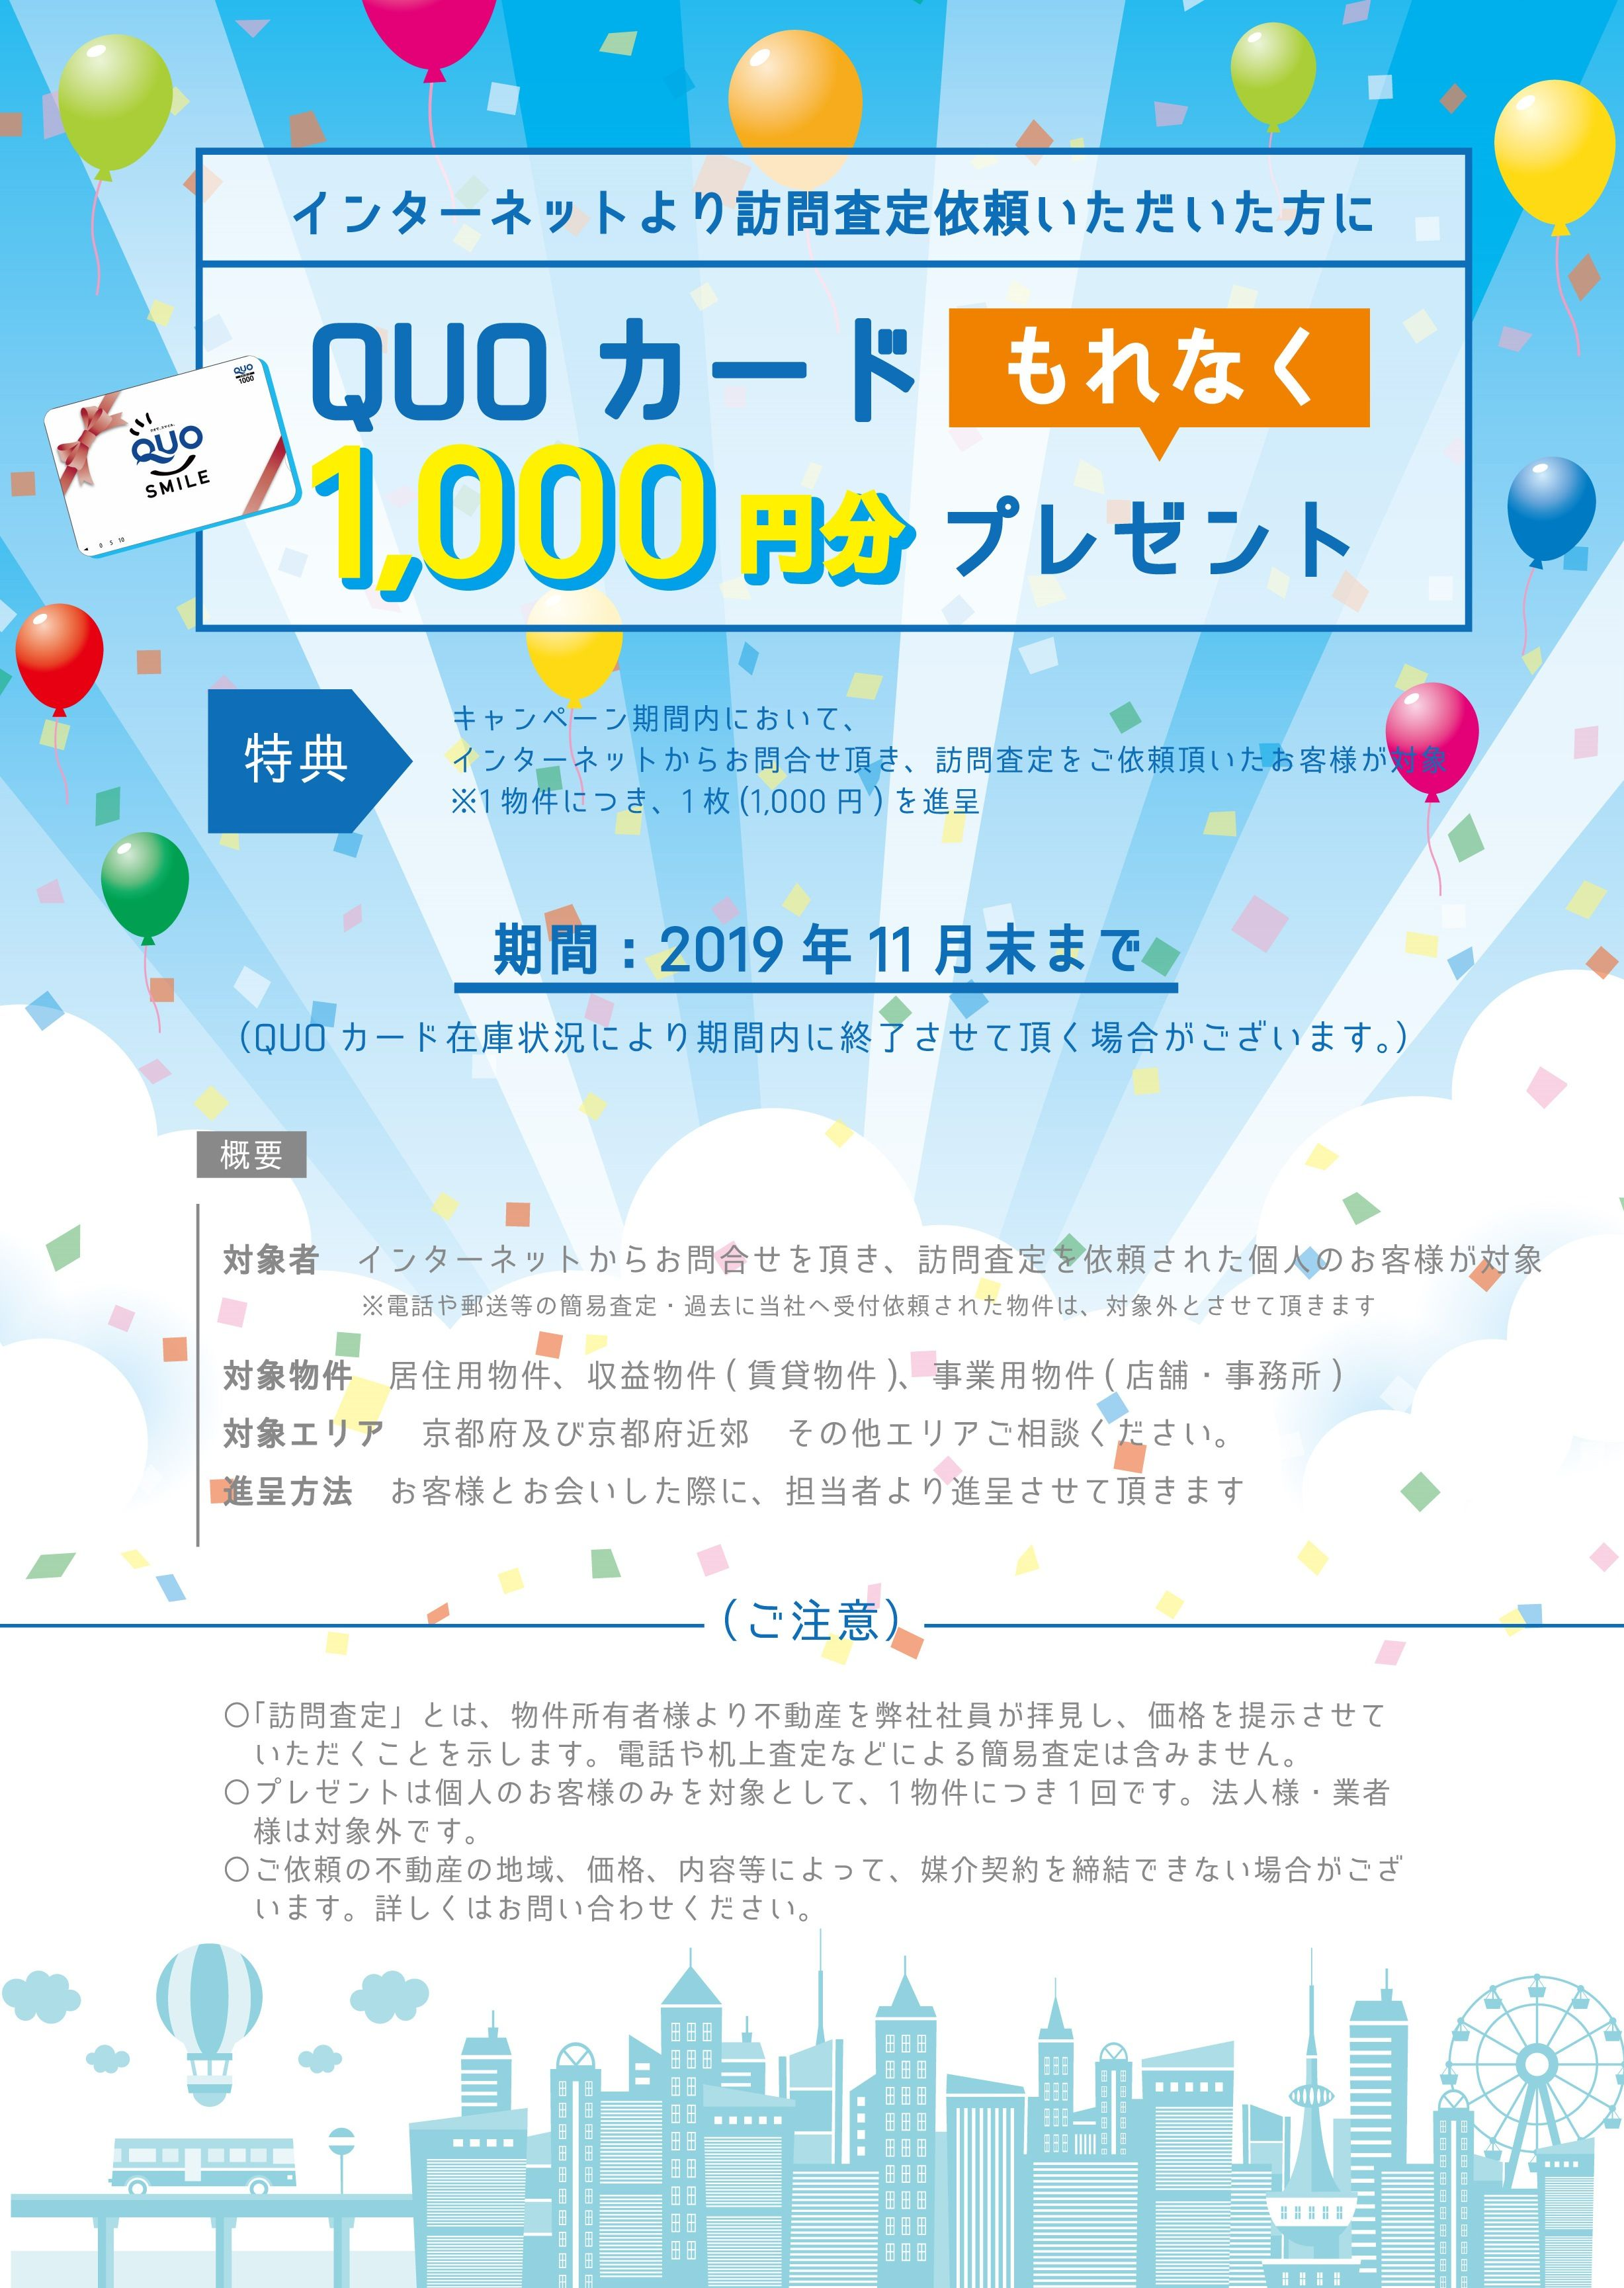 訪問査定依頼でクオカード1,000円分プレゼント